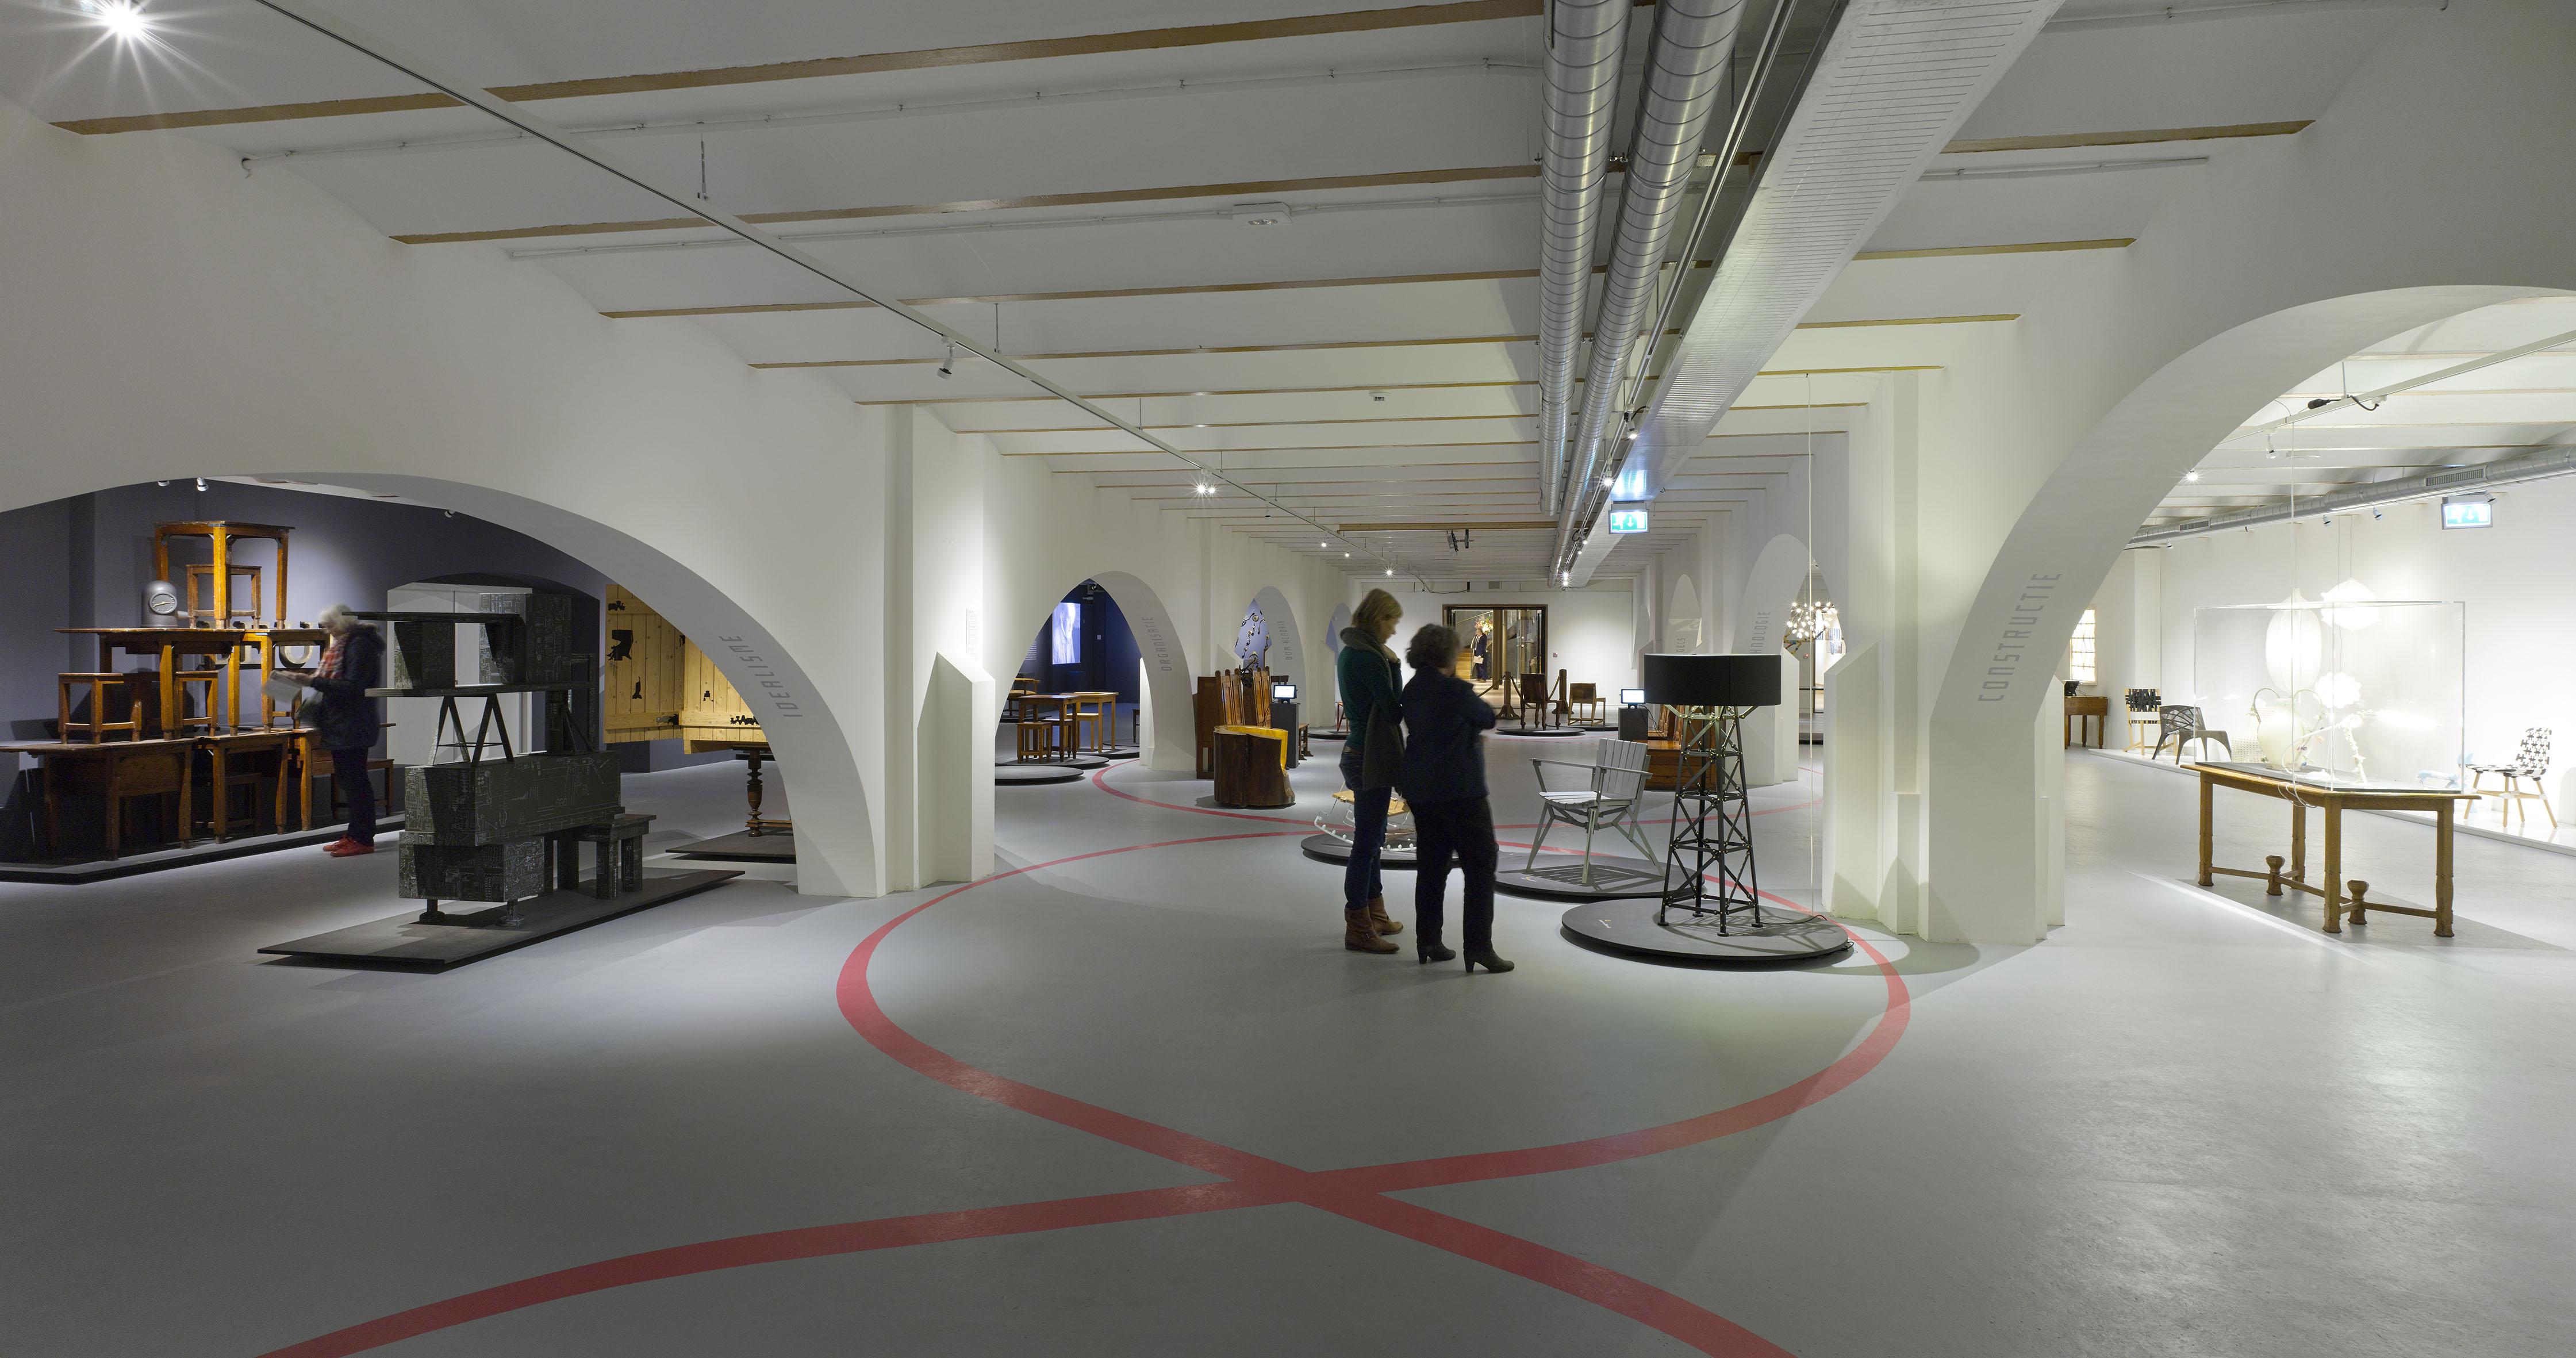 Interieur Beurs. Amazing Interieur Beurs With Interieur Beurs ...